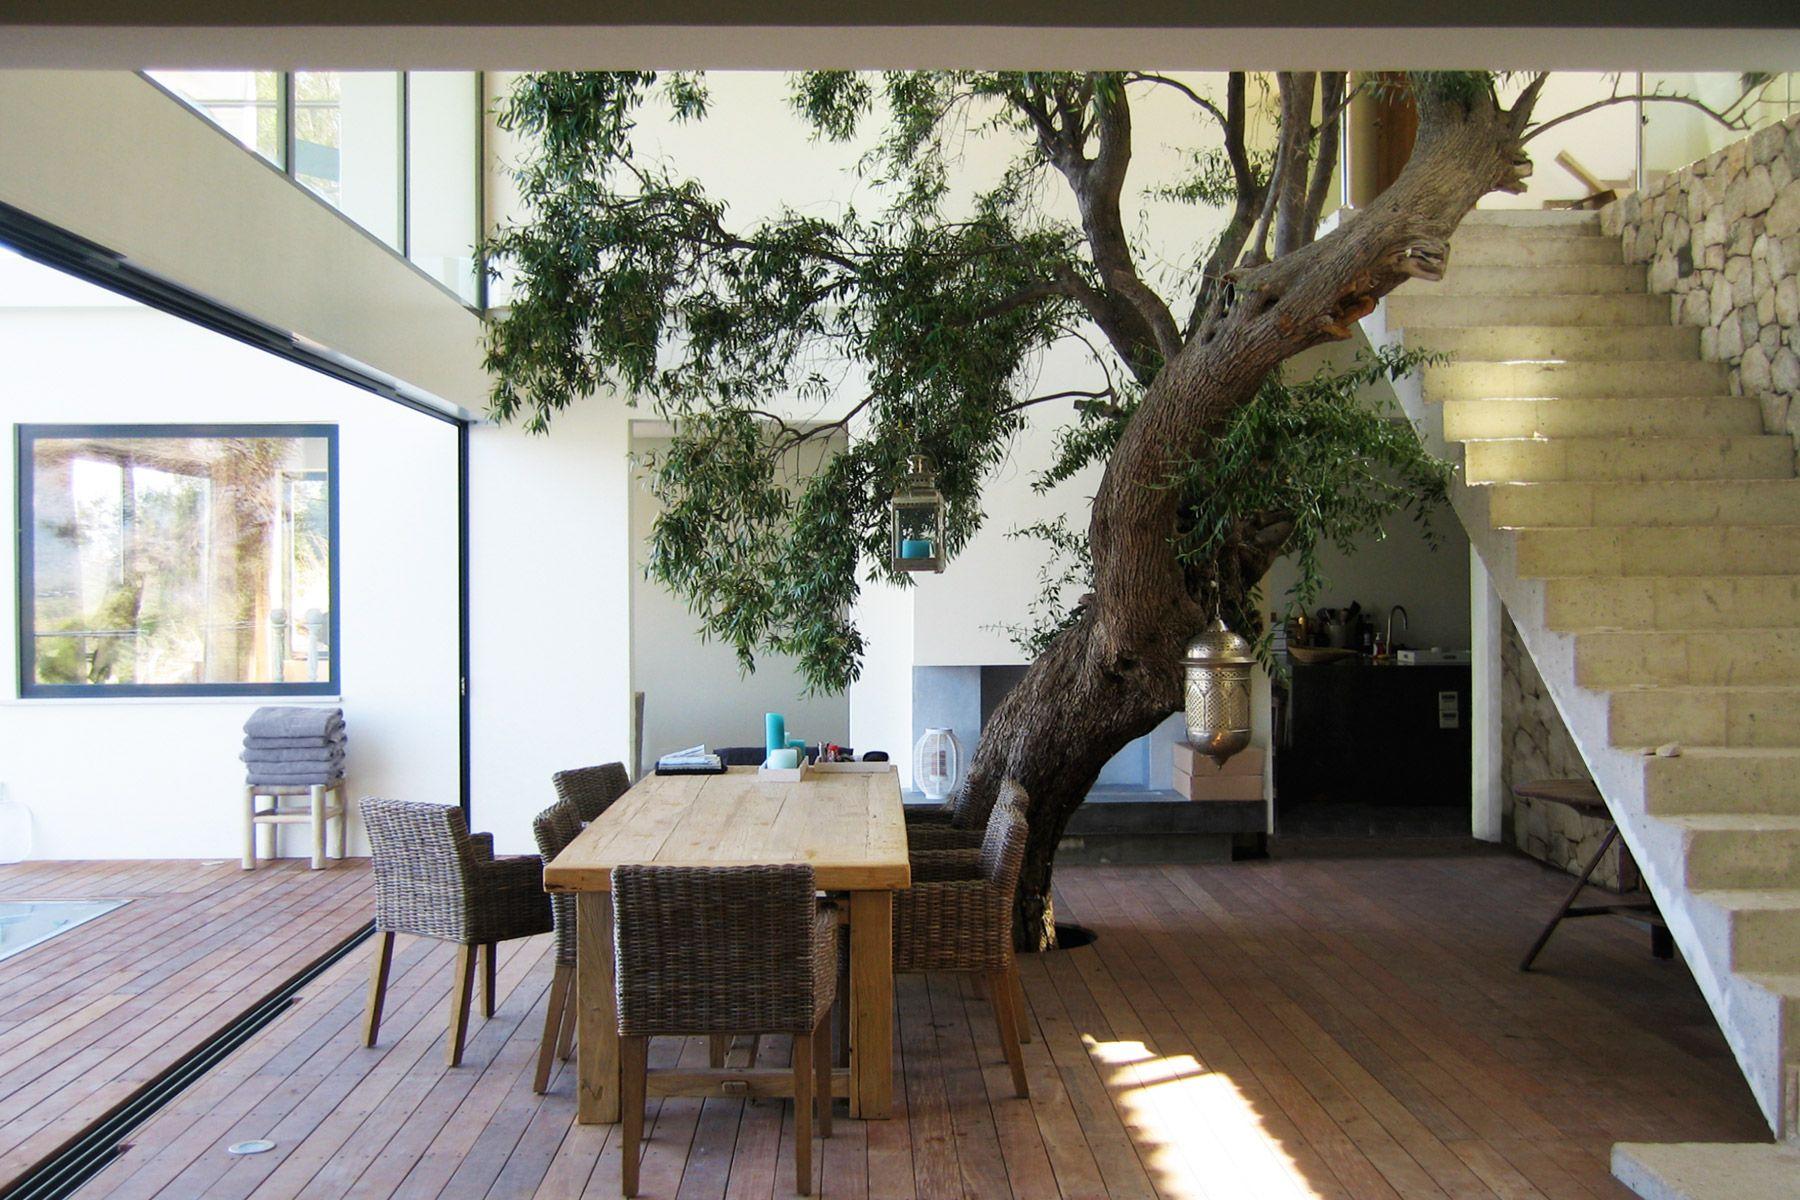 Een olijfboom in huis! bnla architecten realiseerde het ontwerp van